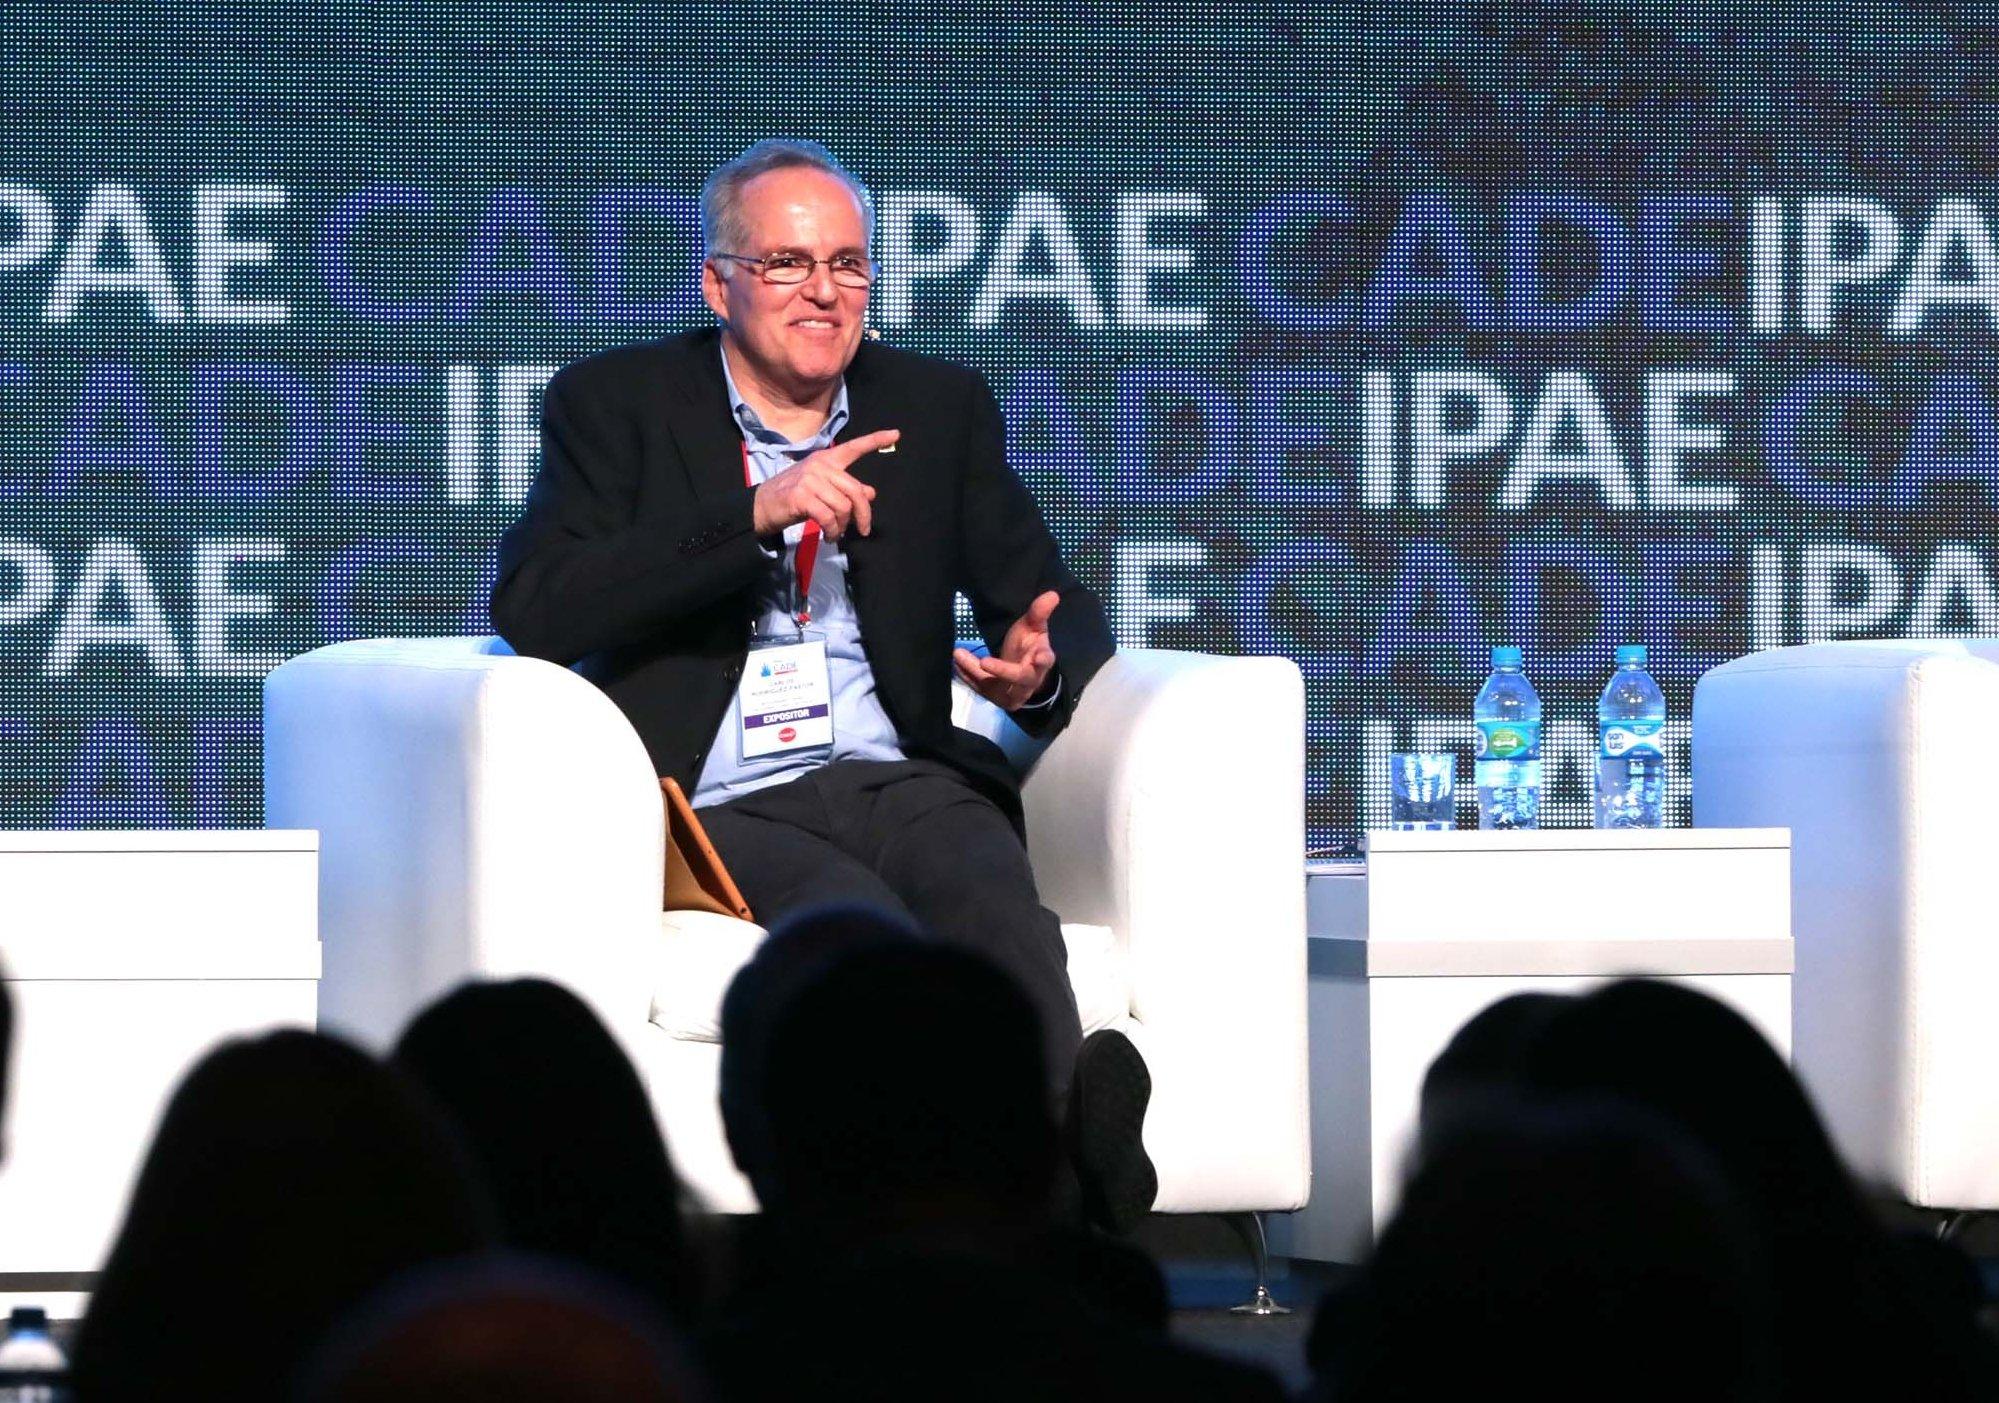 carlos rodriguez pastor1 - Presidente de Intercorp encabeza ranking de los multimillonarios peruanos